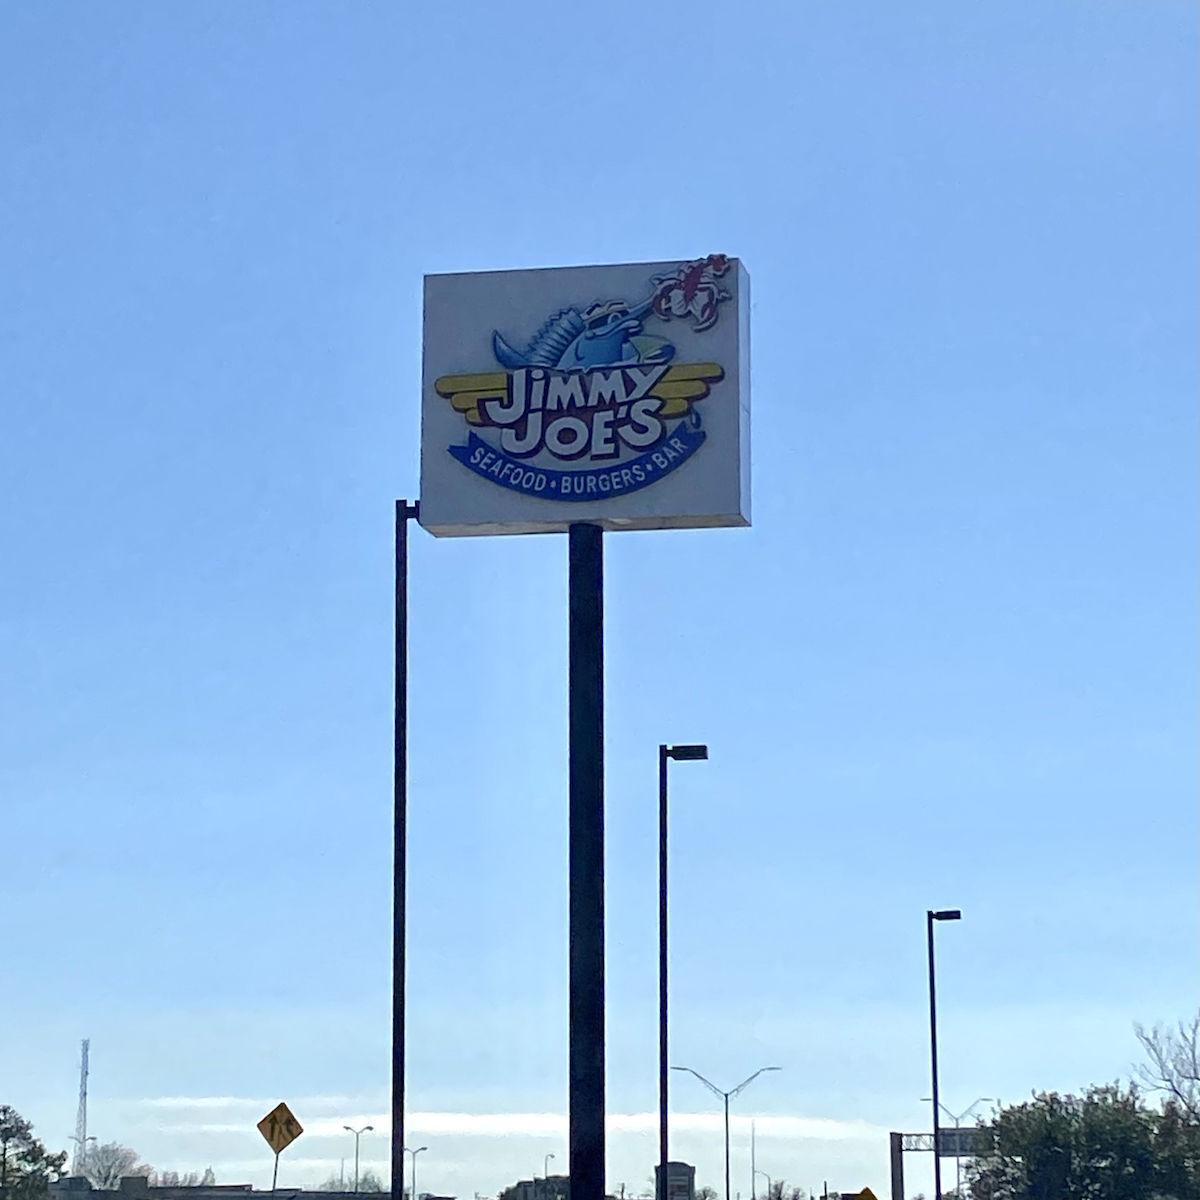 Jimmy Joes